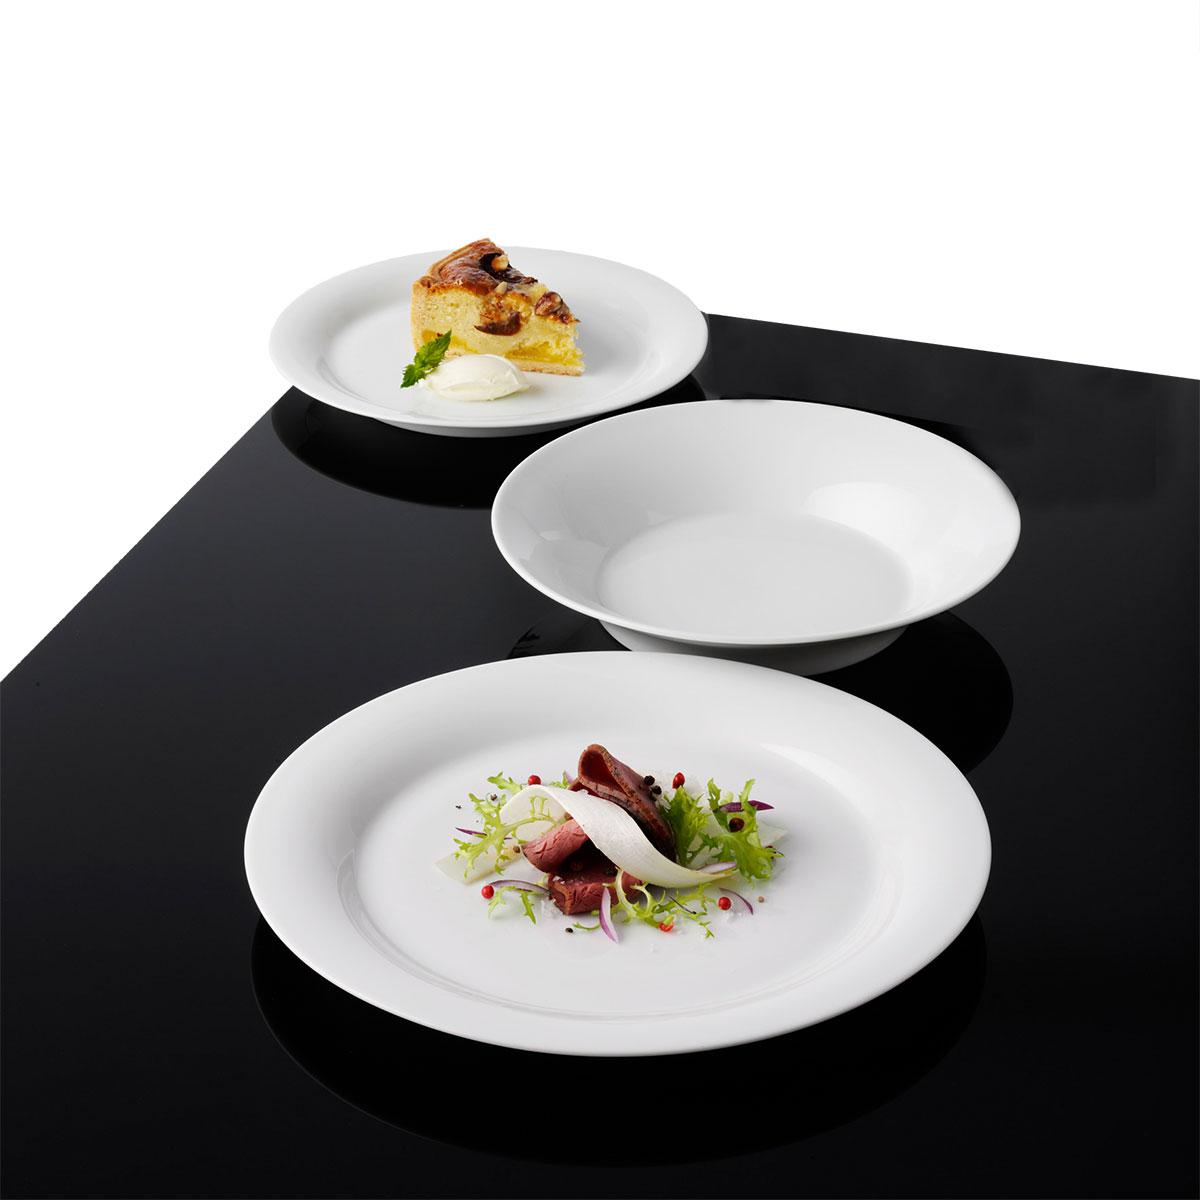 Smuk Tallerkener | Køb servicesæt til frokost, middag & dessert | Coop.dk KE-66